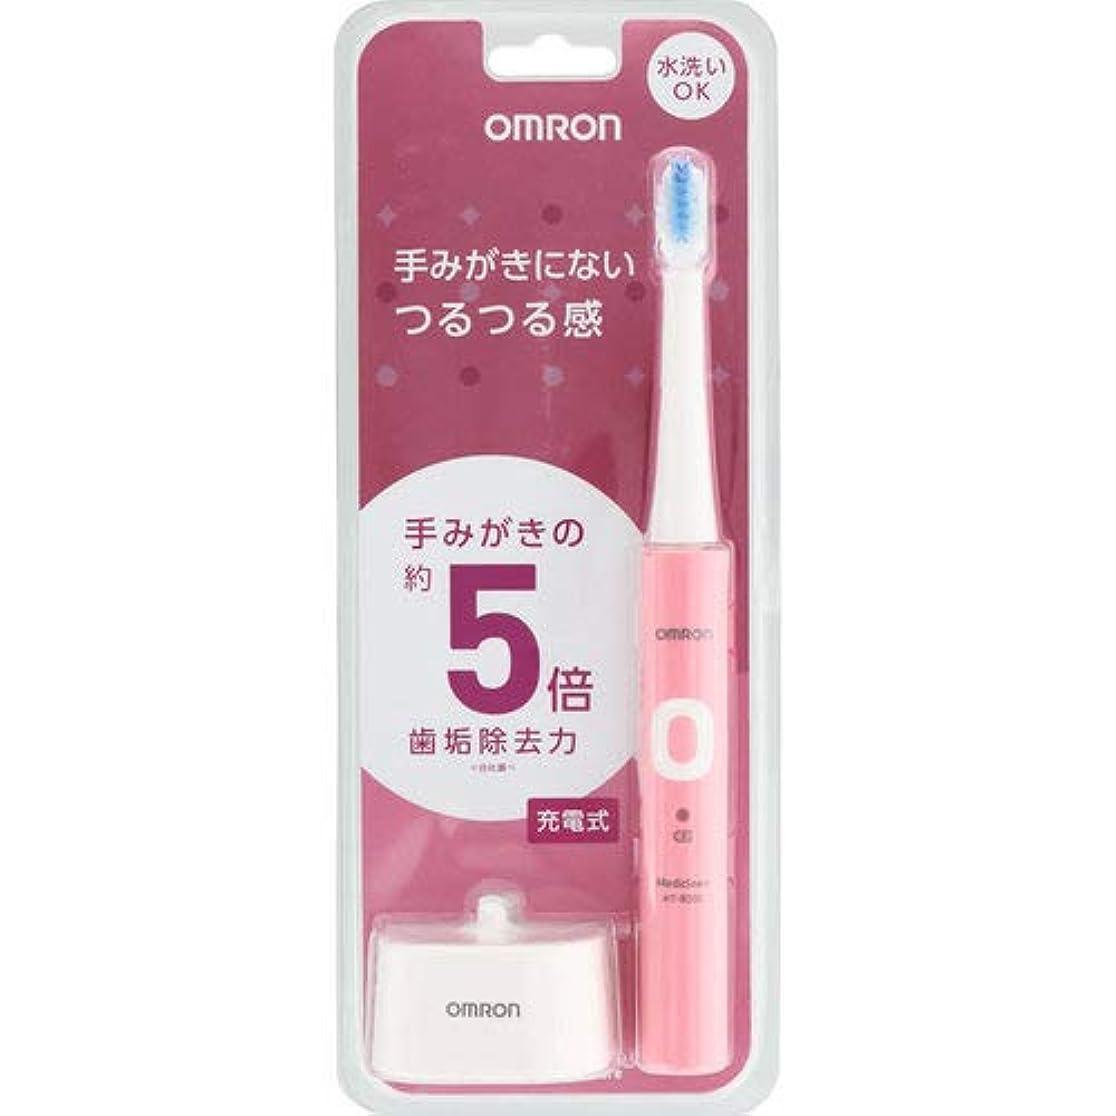 特定のフィードバック詐欺オムロン 電動歯ブラシ HT-B303-PK ピンク 充電式